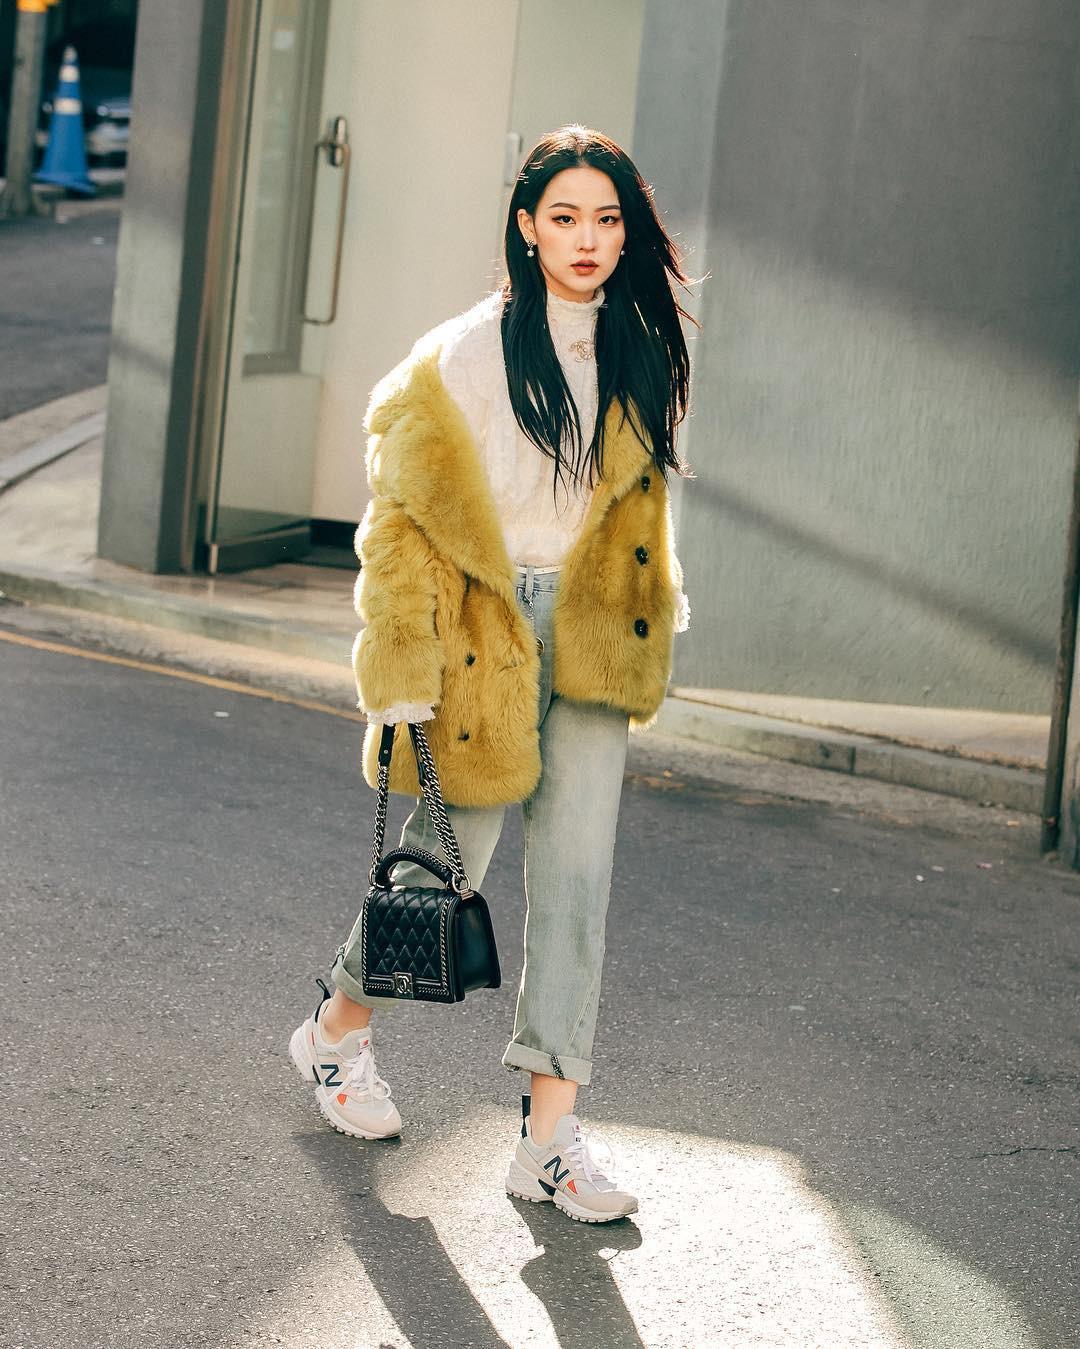 Street style giới trẻ Hàn tuần qua: nữ tính, cá tính, chất chơi chiêu nào cũng có và đều đẹp ngất ngây - Ảnh 2.